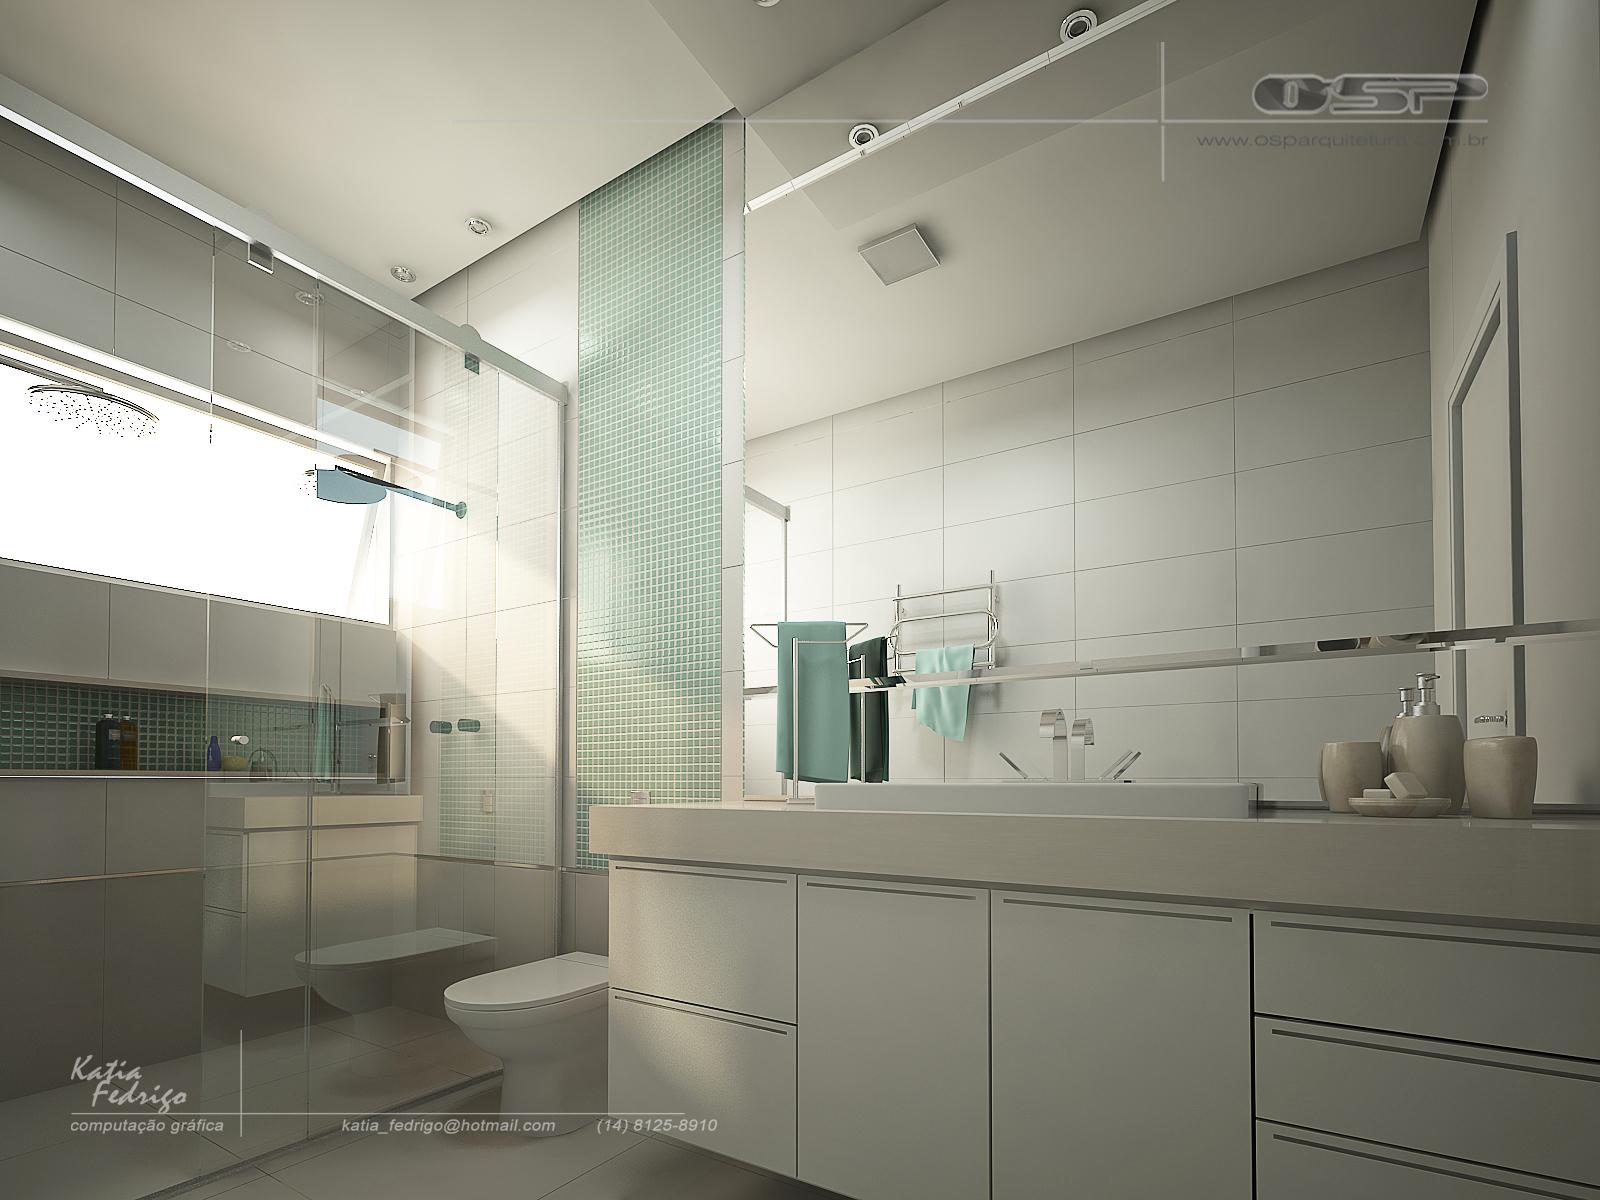 banheiro casal mais interior banheiros banheiro casal decoração casa  #56756F 1600x1200 Arquitetura Banheiros Sp